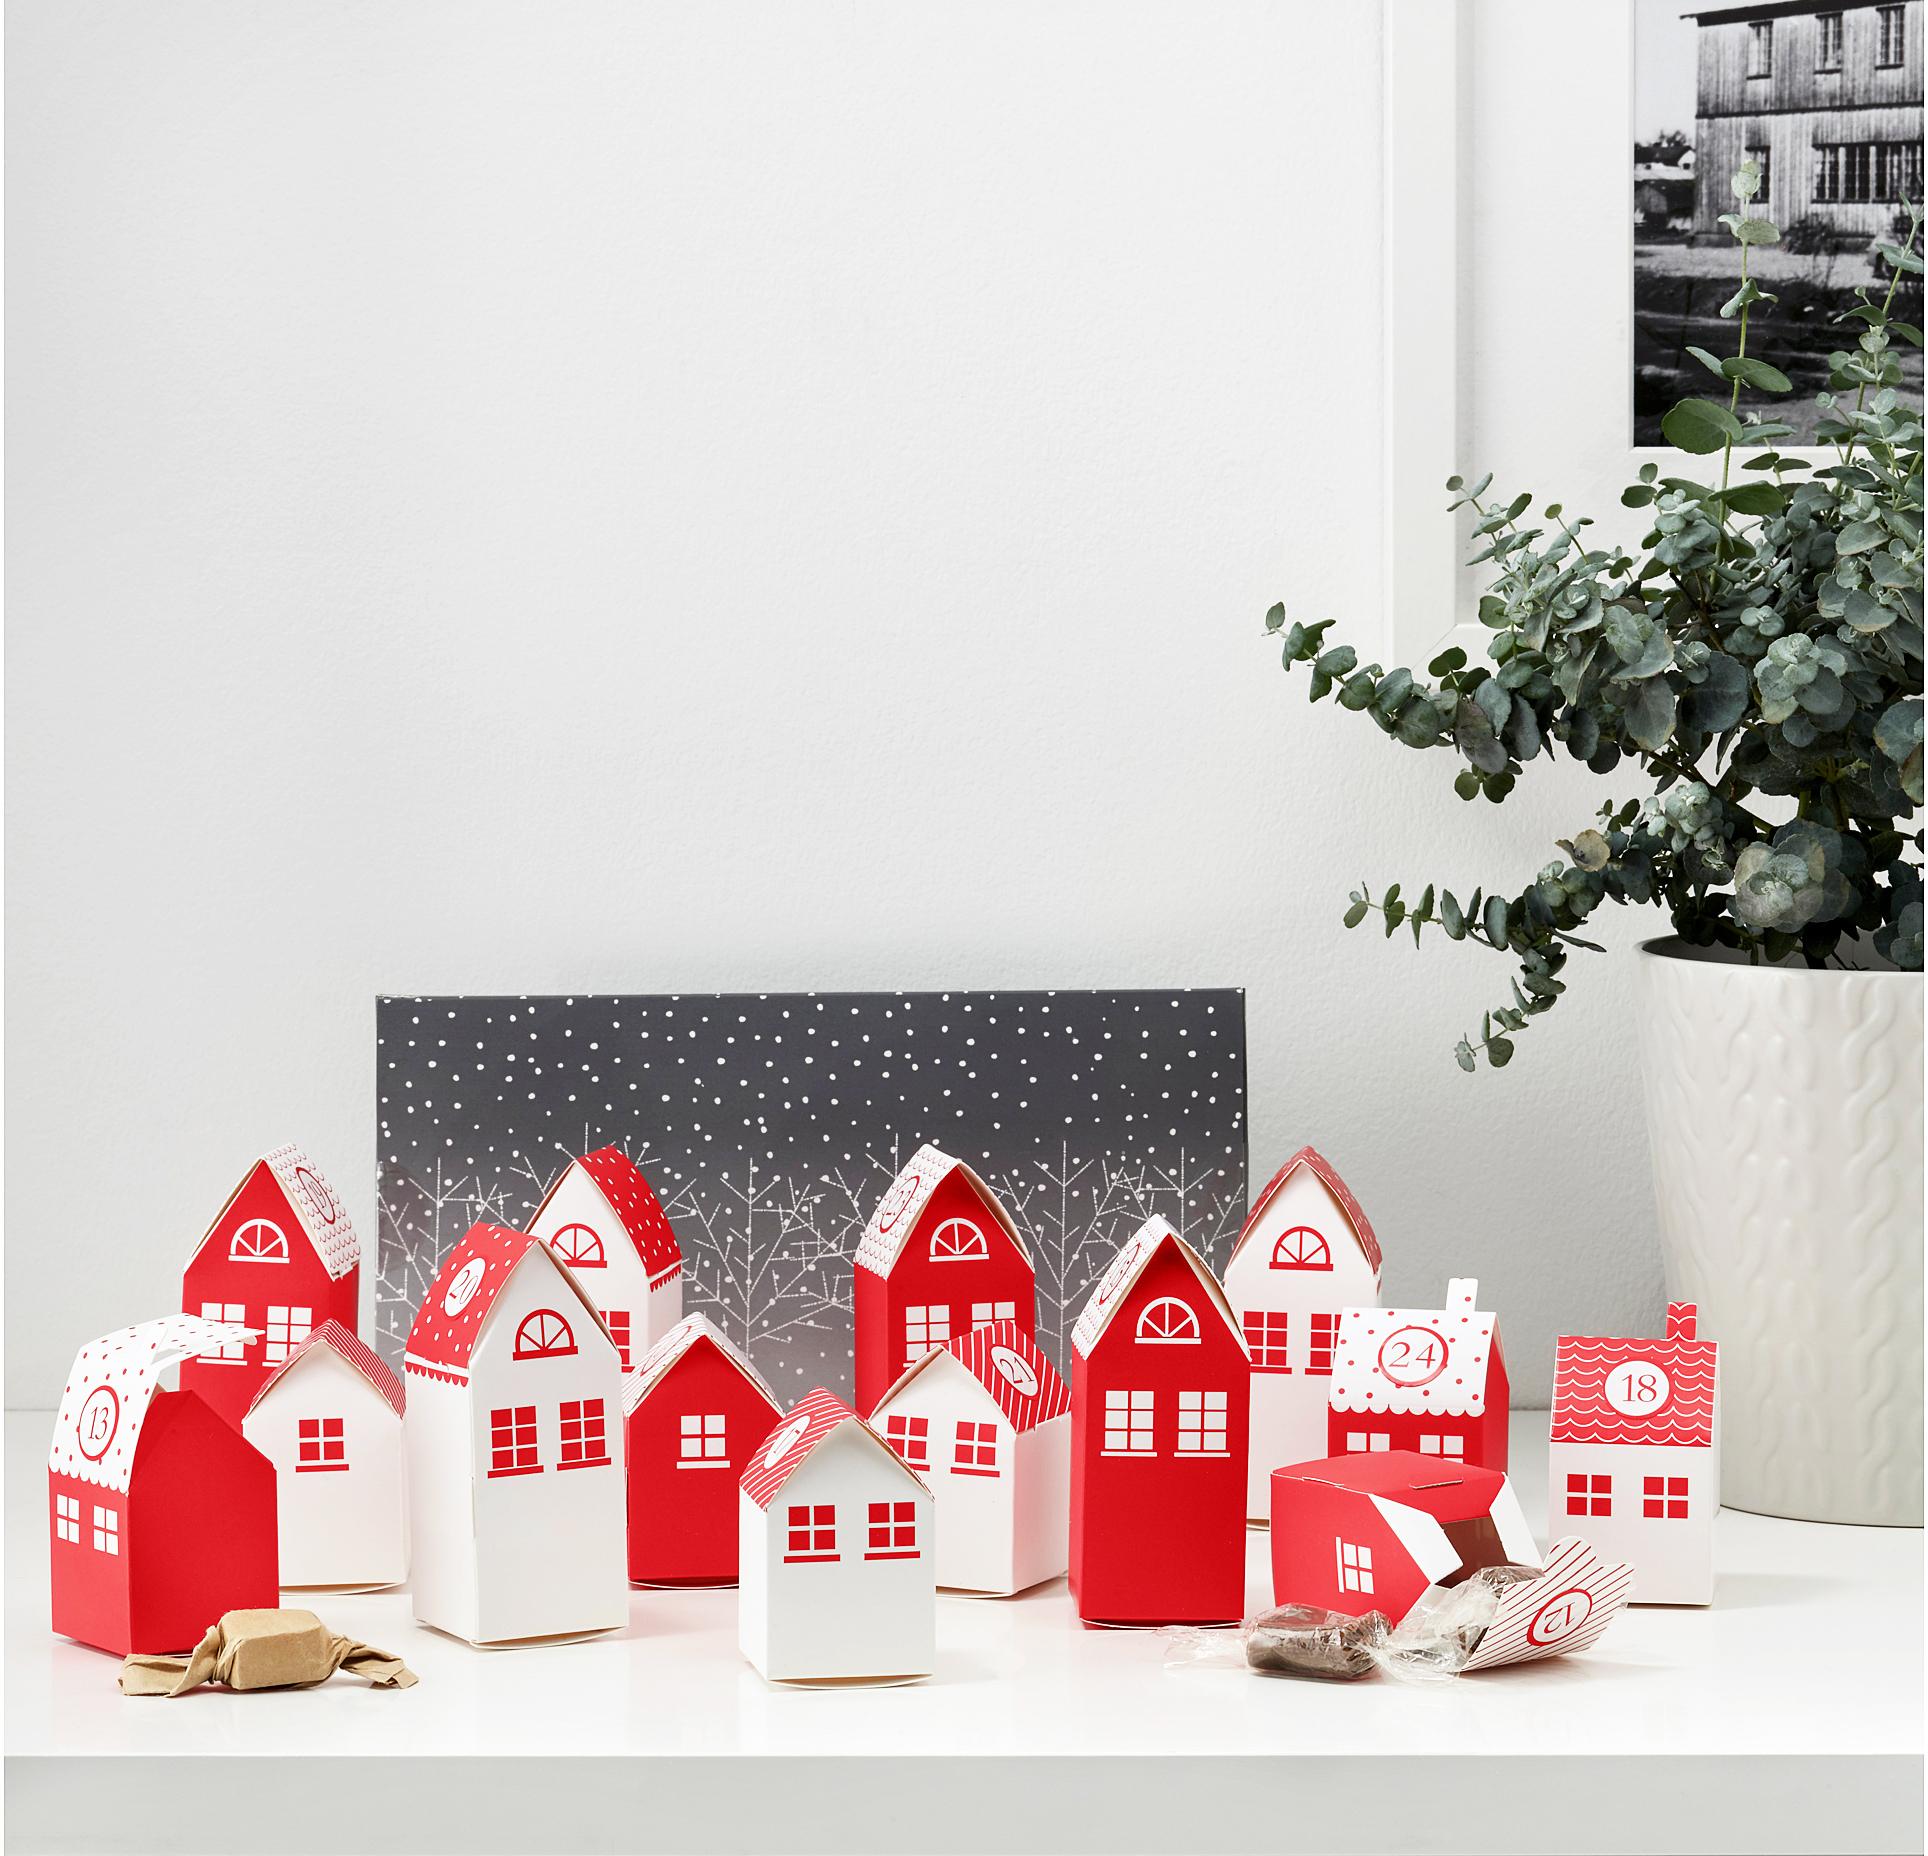 La fiesta de los ni os unas navidades con y para los peques for Calendario adviento ikea